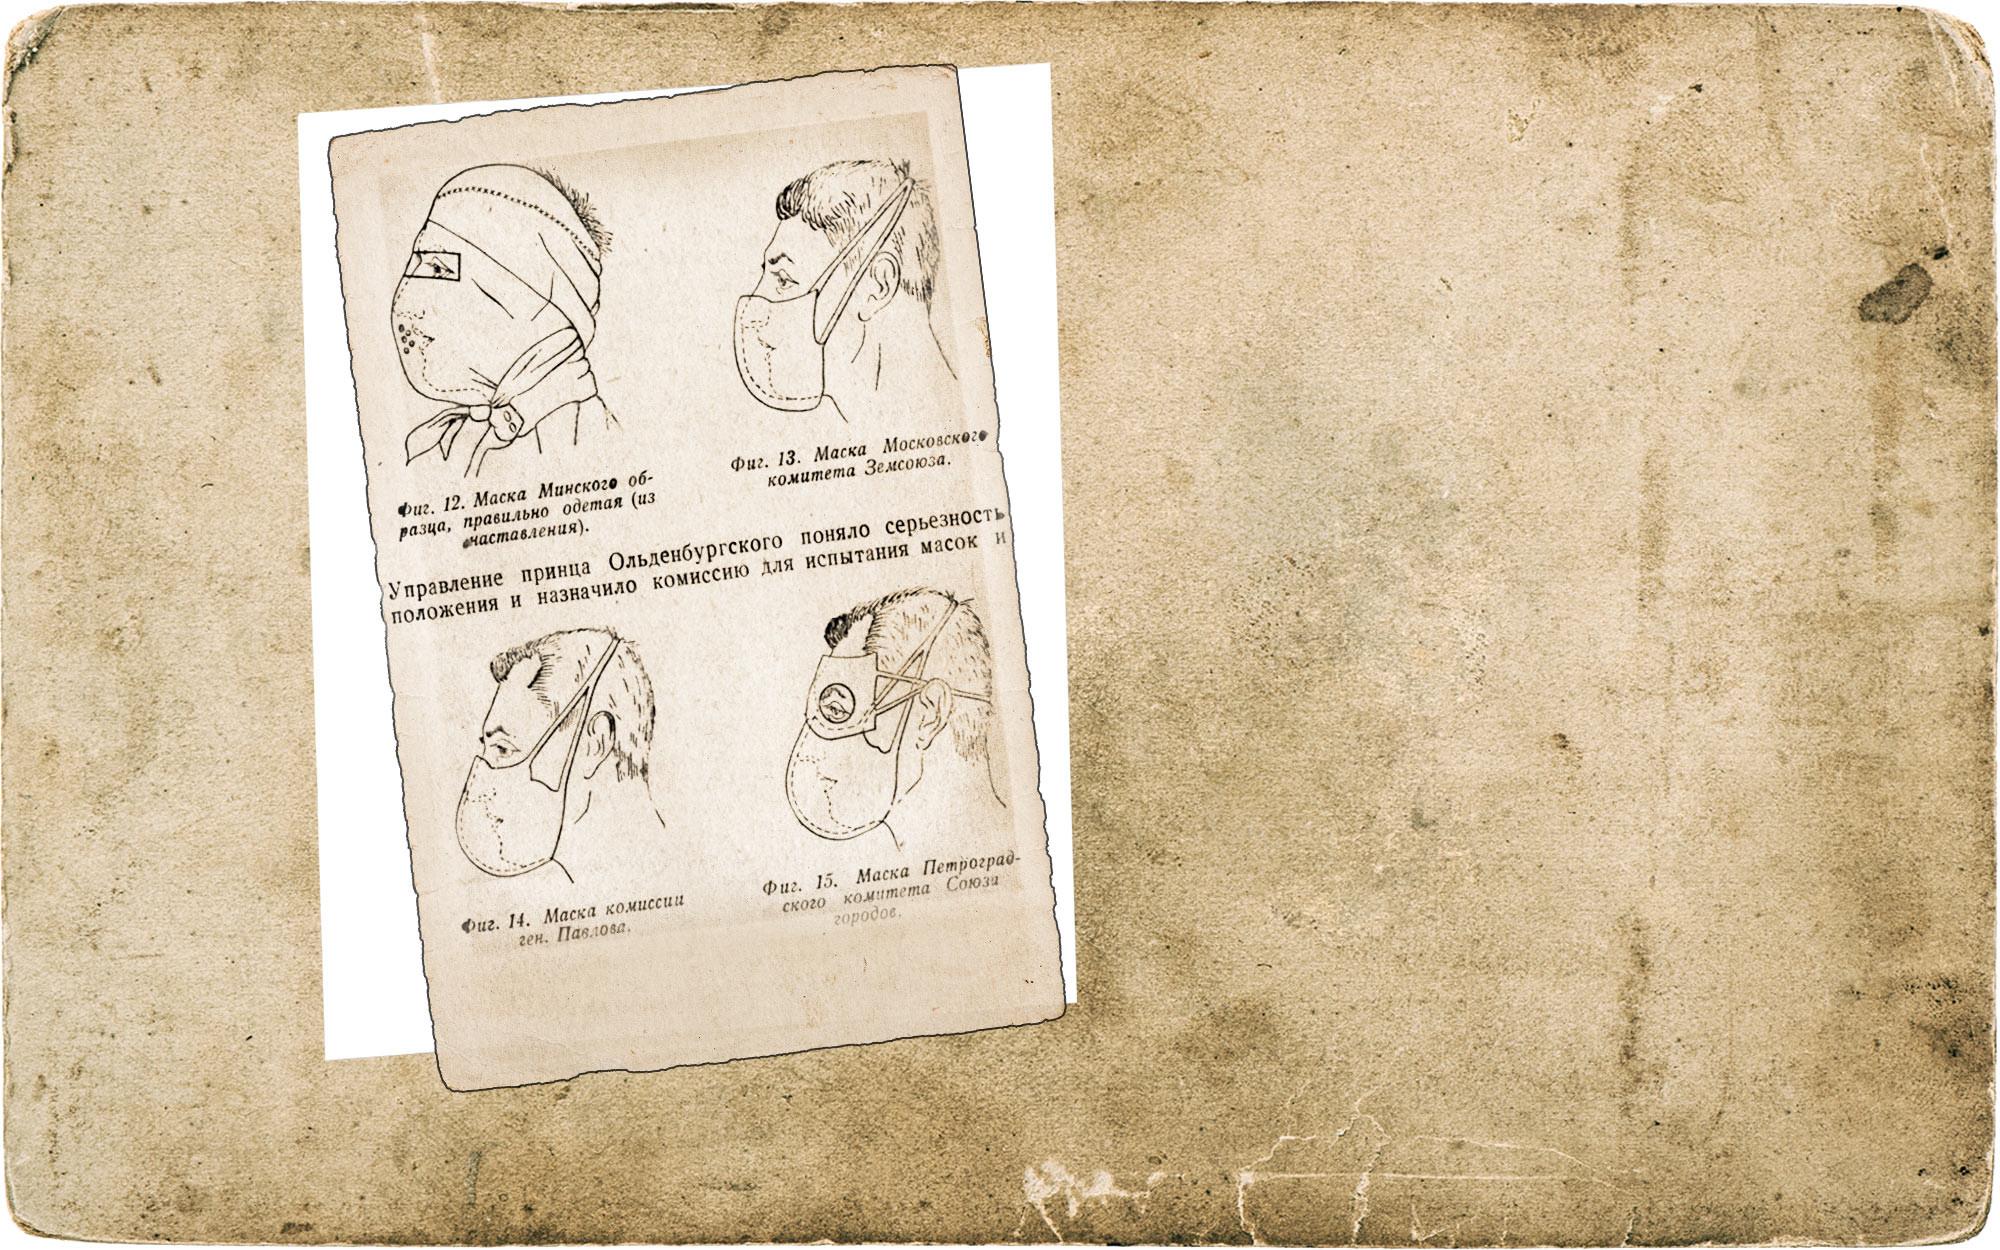 Несколько из более чем 20 вариантов предохранительных масок, отправлявшихся в части весной-летом 1915 года. Коллаж © L!FE. Фото © Wikimedia Commons